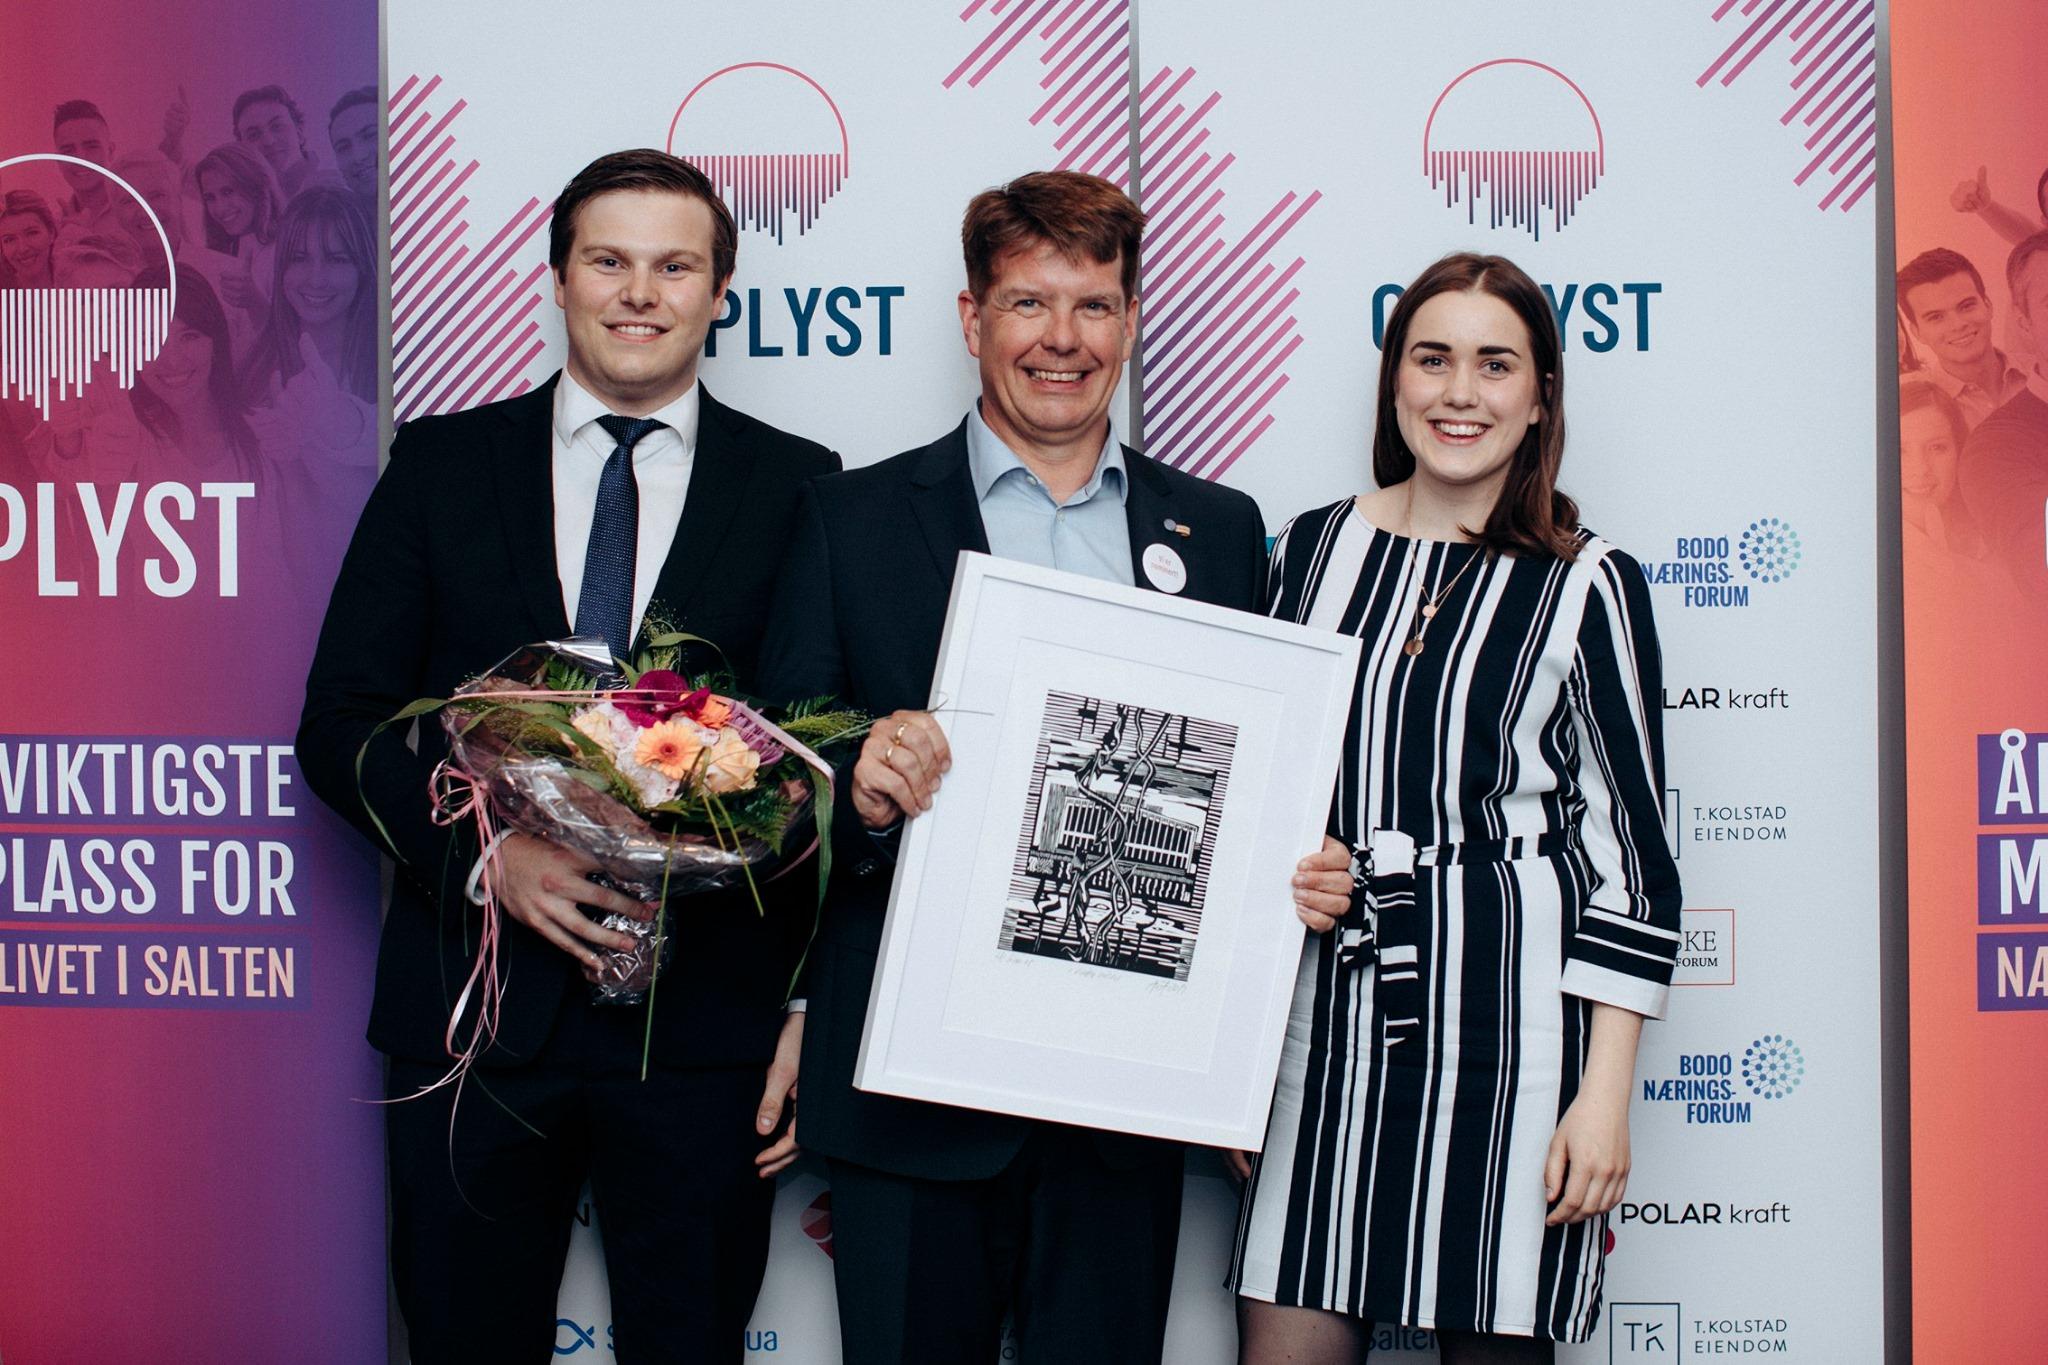 I-vindenprisen 2019